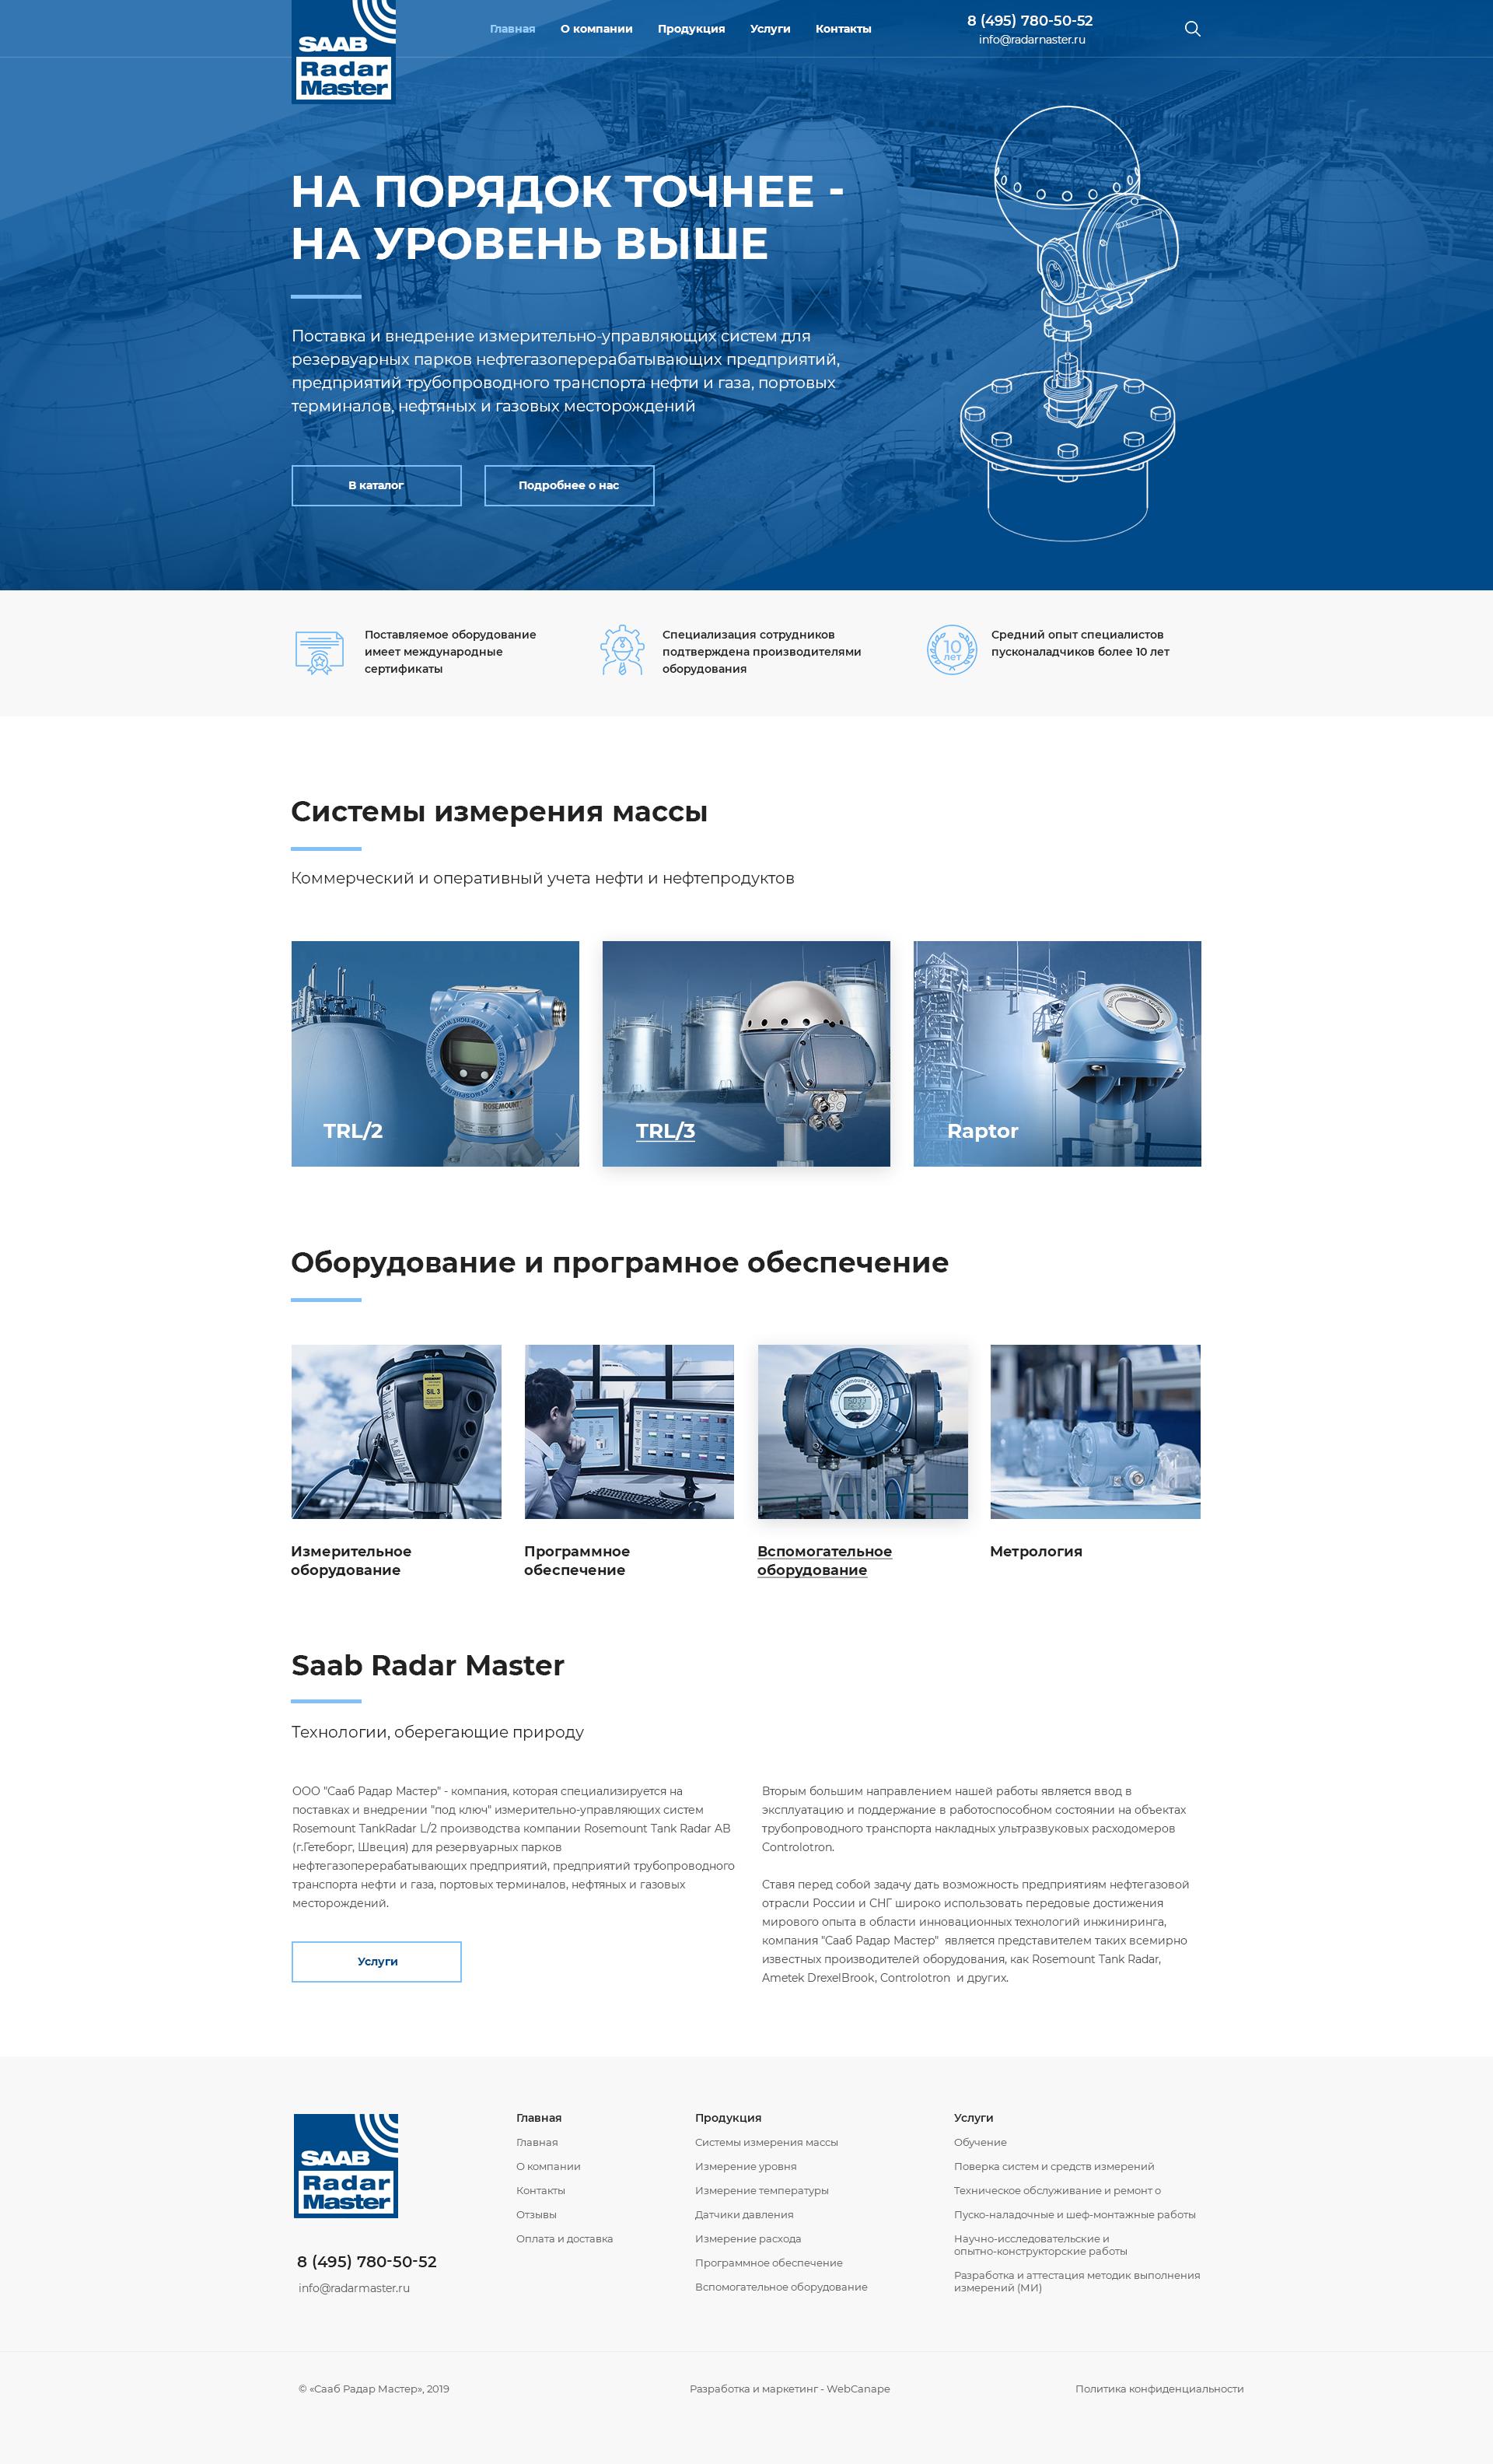 Сайт о системах для нефтегазоперерабатывающих предприятий